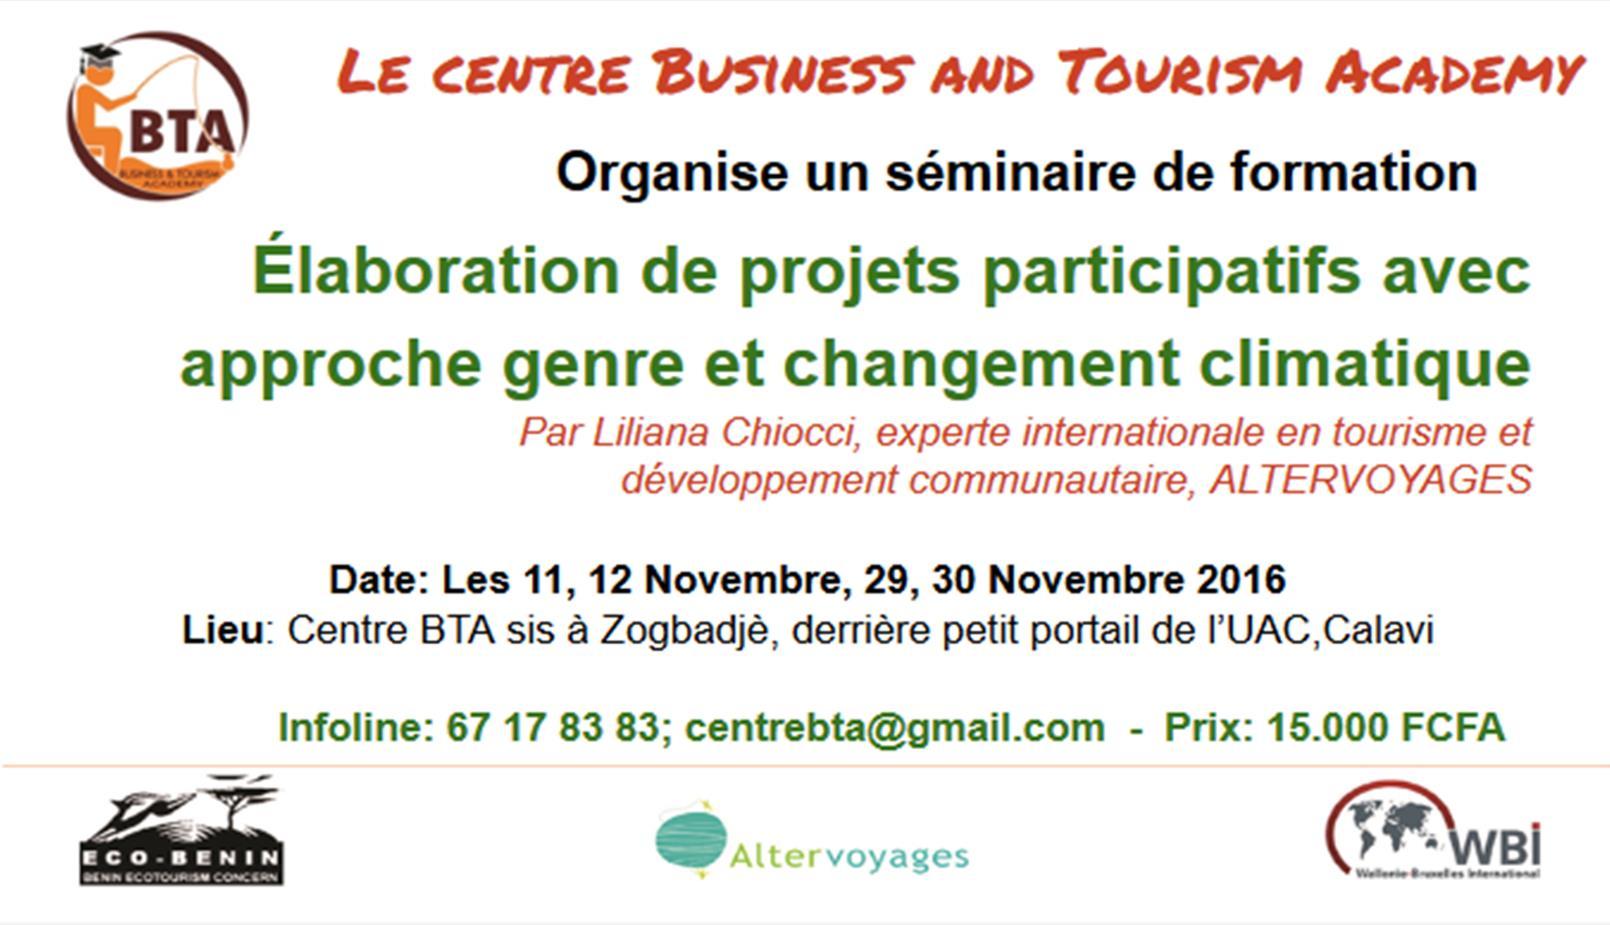 formation_en_elaboration_de_projets_genre_et_changements_climatiques.jpg